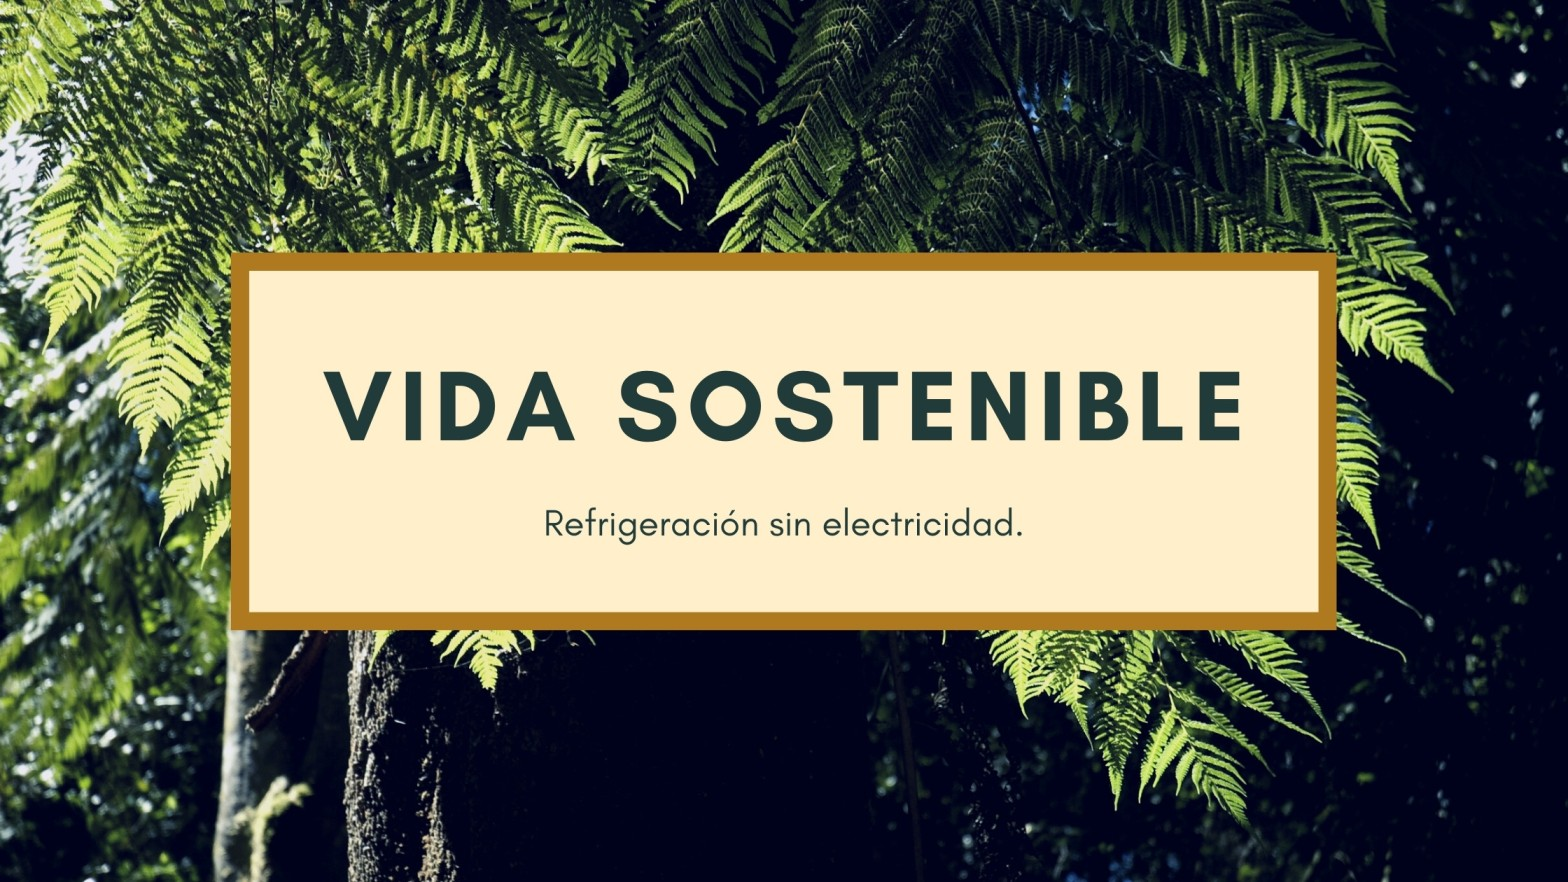 Vida sostenible, refrigeración sin electricidad sobre un fondo de árboles.